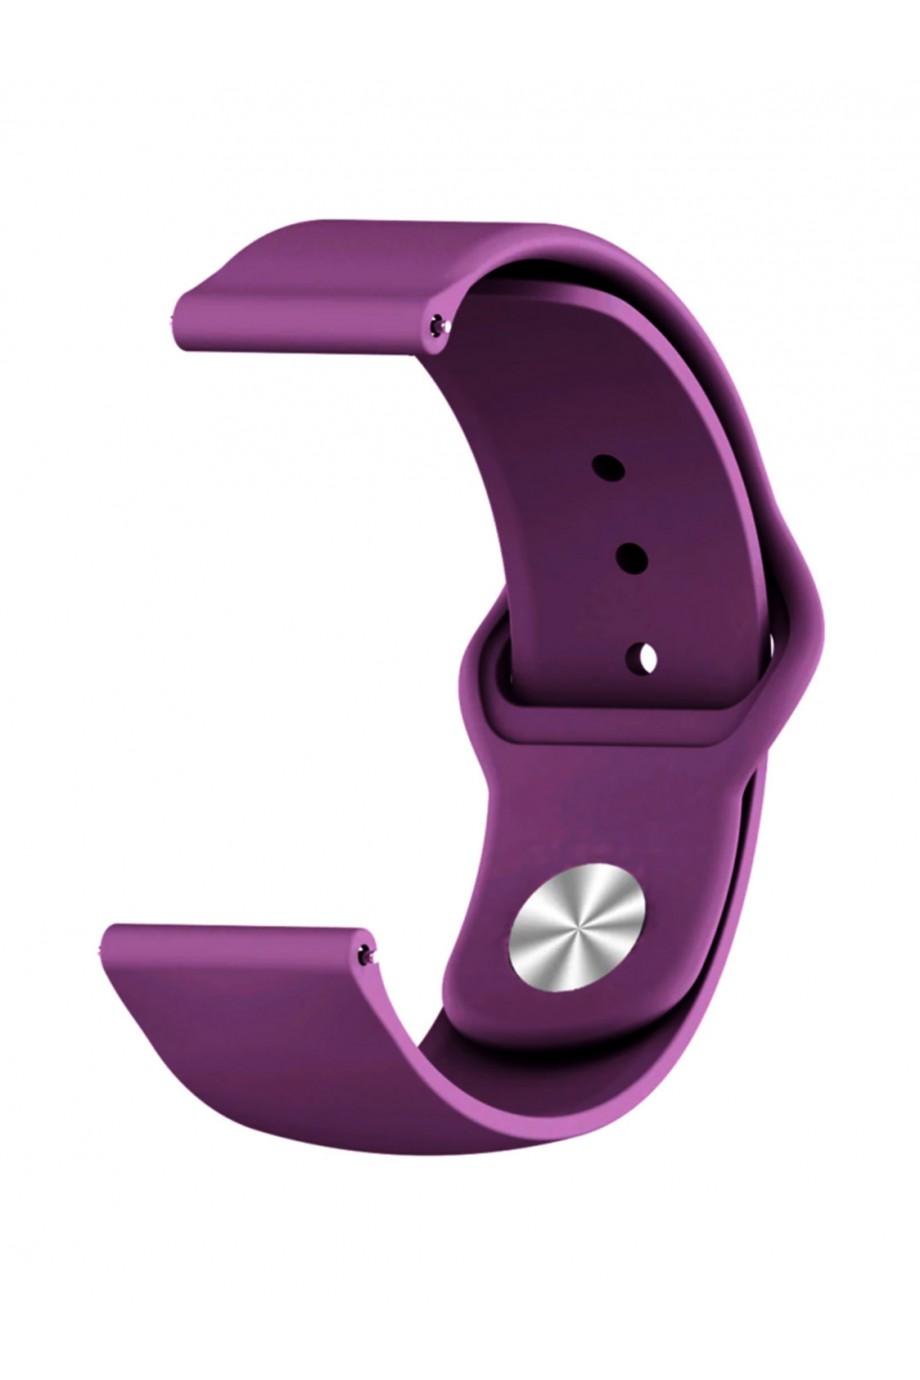 Силиконовый ремешок для Amazfit GTR 47 мм, 22 мм, застежка pin-and-tuck, фиолетовый, mz-12